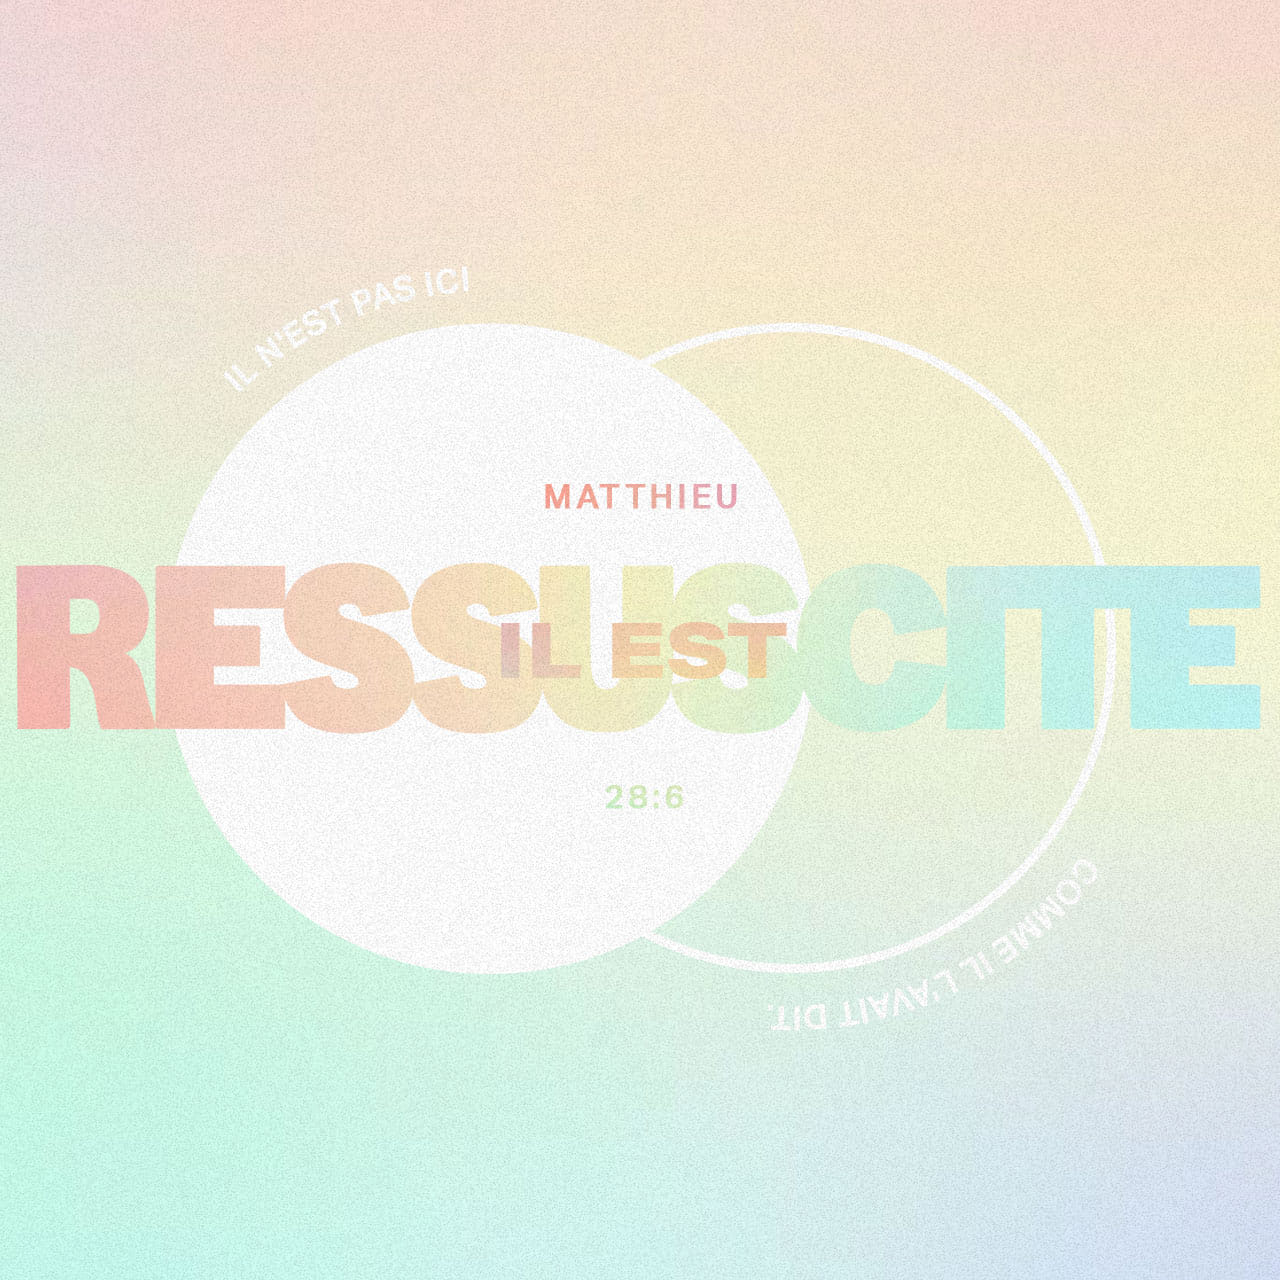 Il est ressuscité - Matthieu 28: 6 - Verse Image